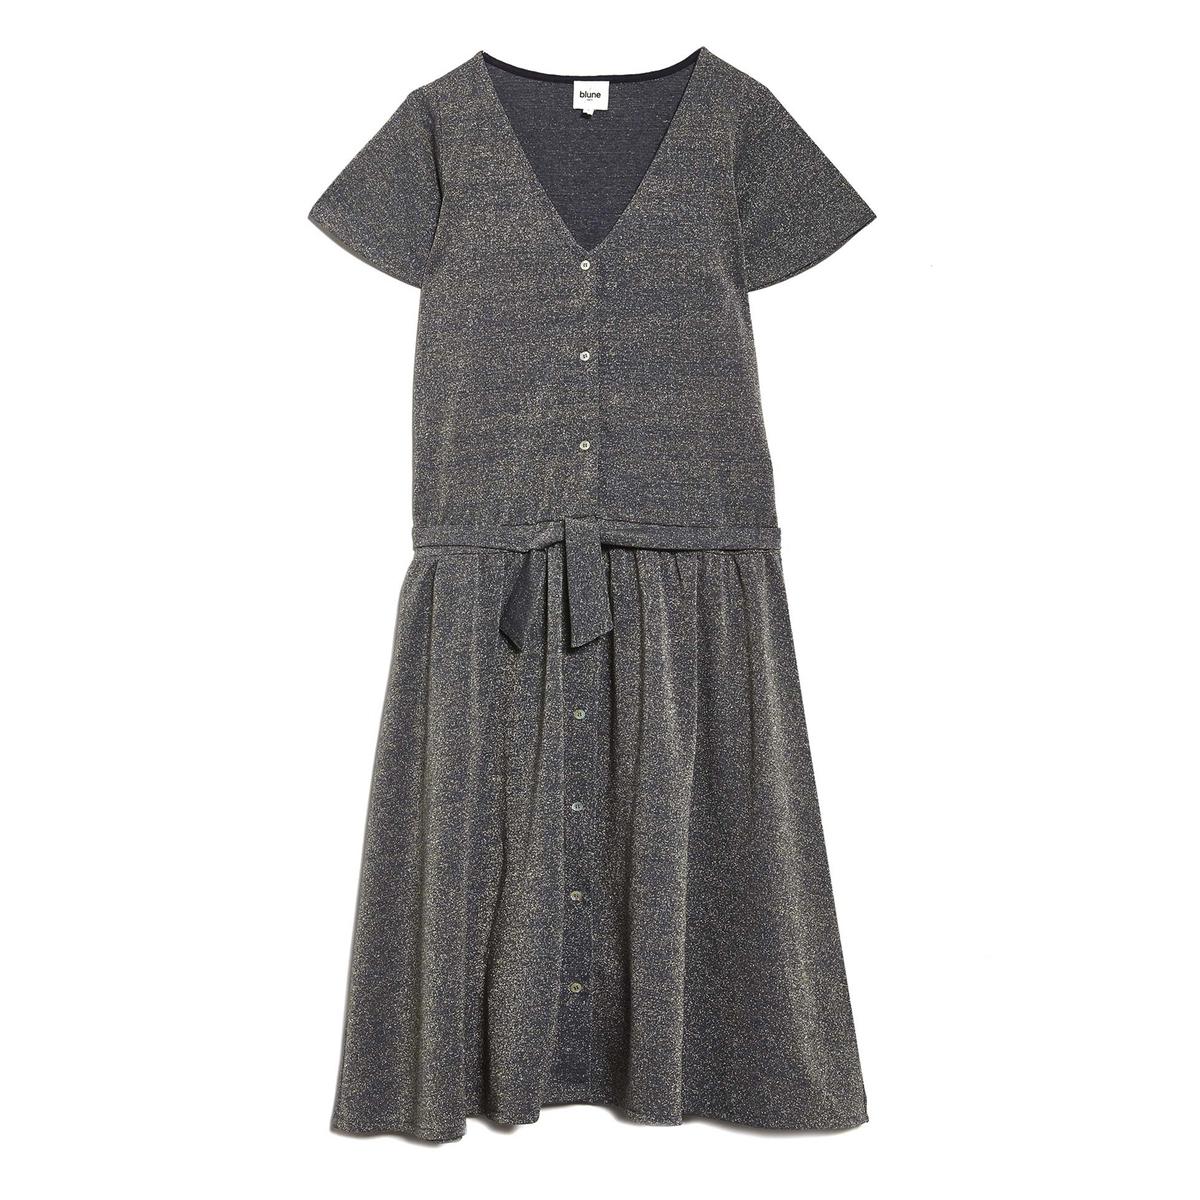 Платье на пуговицах NUIT DIVRESSEОписание:Платье на пуговицах с короткими рукавами BLUNE - модель NUIT DIVRESSE. Завязки на поясе на расклешённом покрое.Детали •  Форма : расклешенная •  Длина до колен •  Короткие рукава    •   V-образный вырезСостав и уход •  33% вискозы, 3% эластана, 35% металлизированных волокон, 29% полиэстера •  Следуйте советам по уходу, указанным на этикетке<br><br>Цвет: серебристый